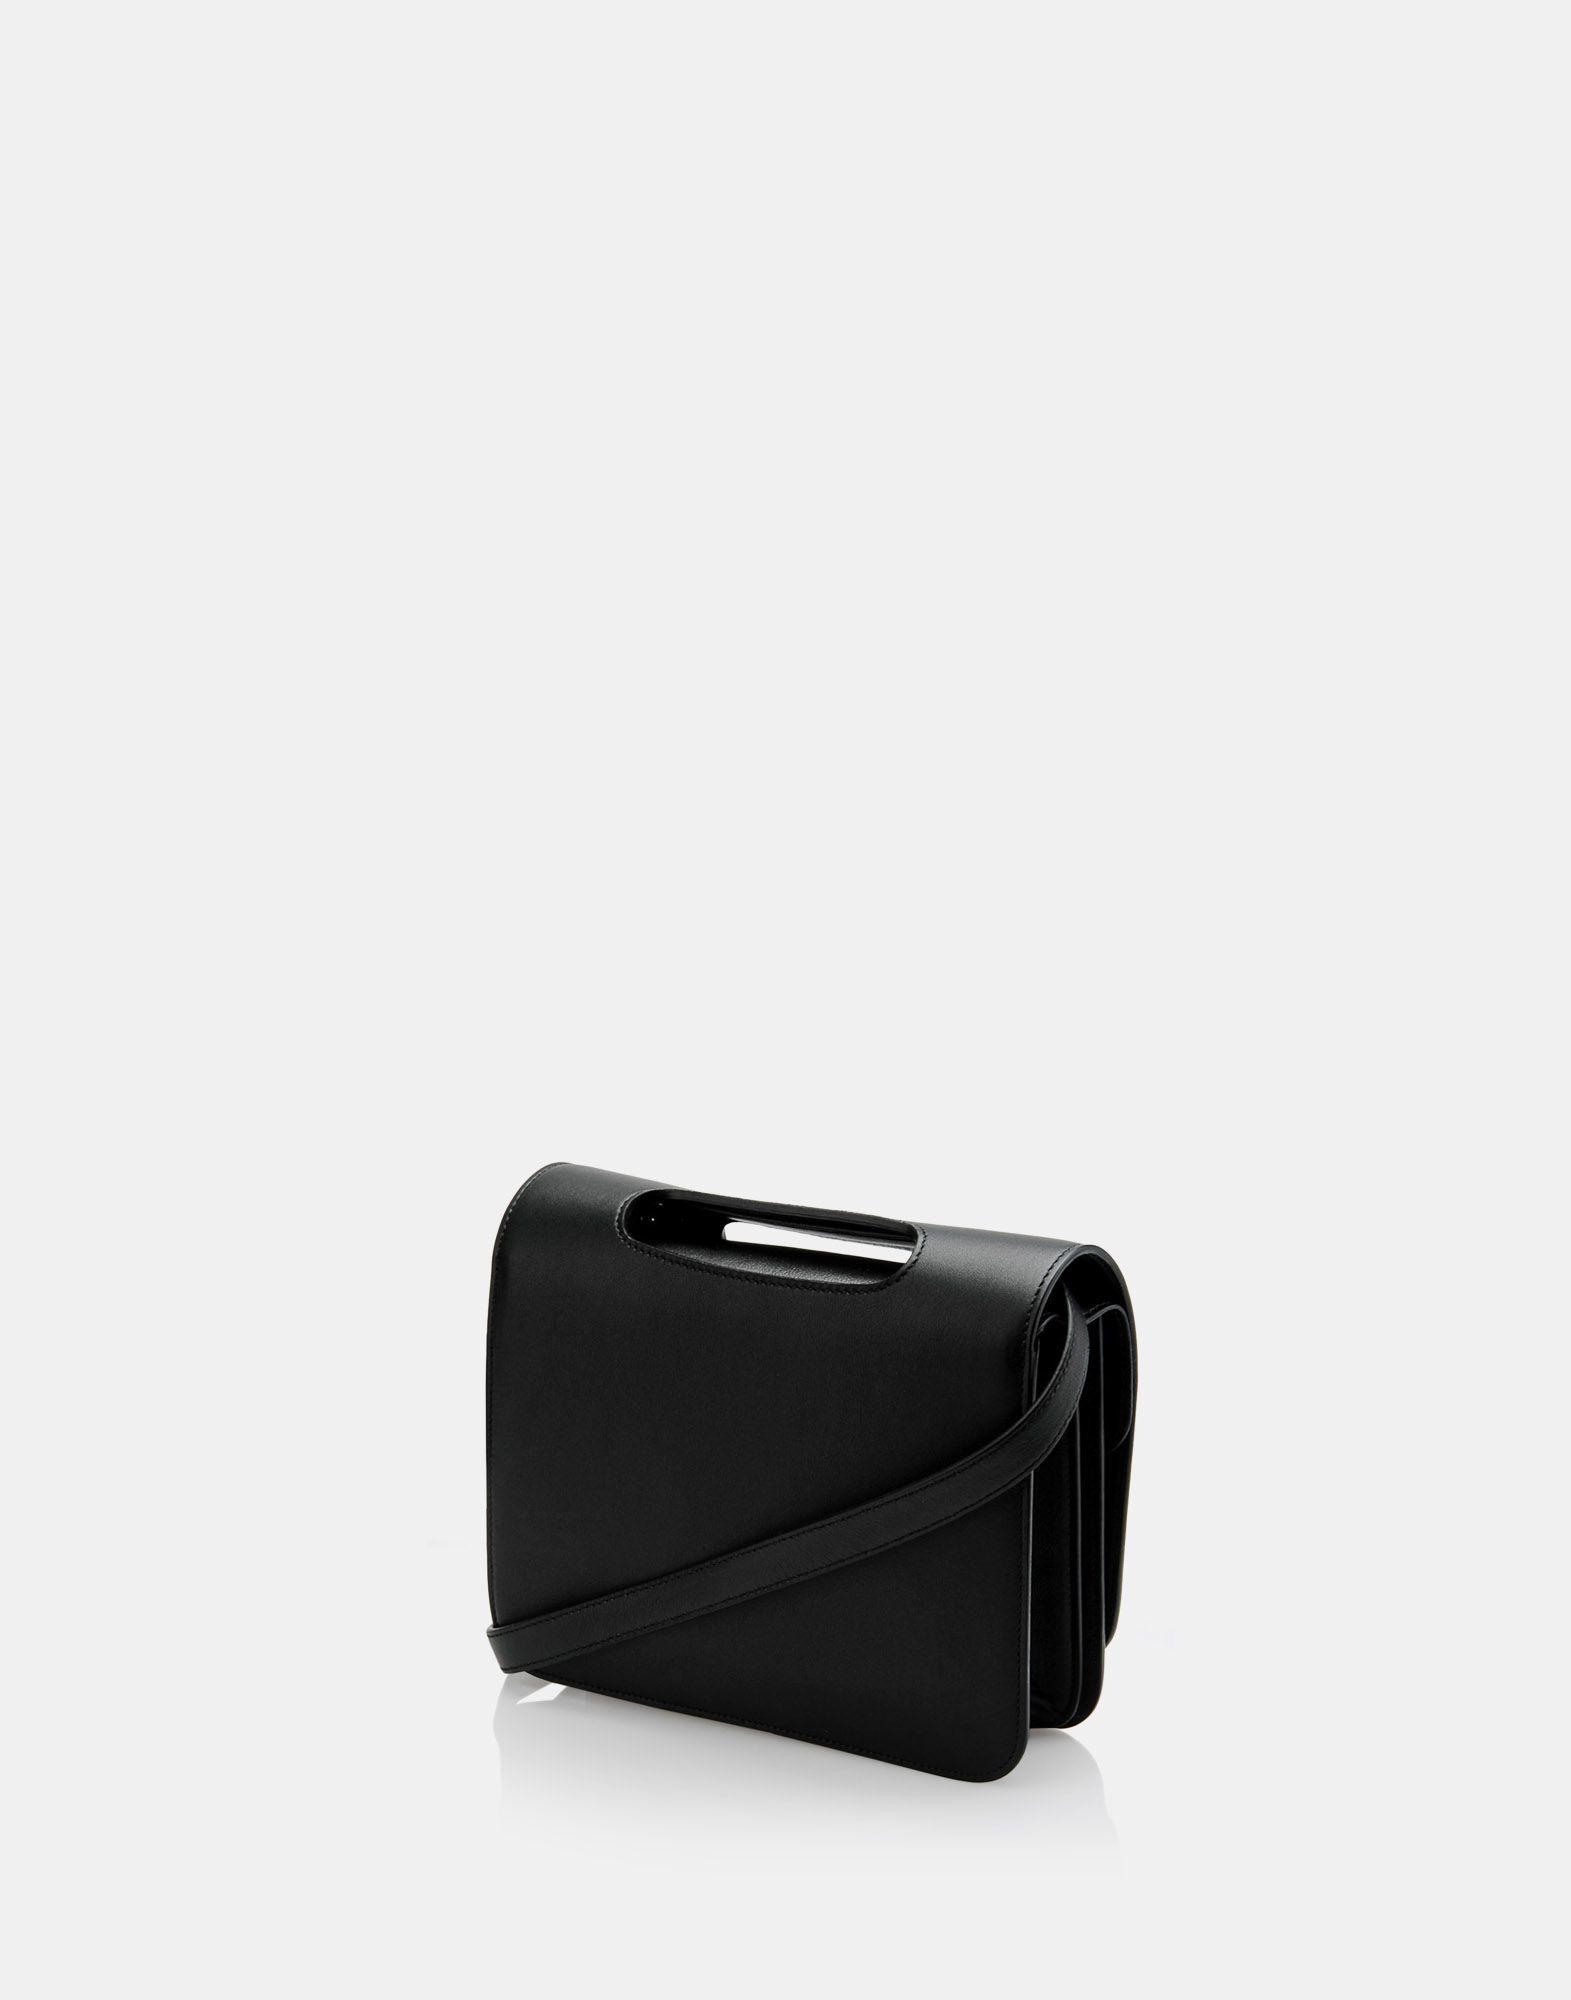 Umhängetasche - JIL SANDER Online Store